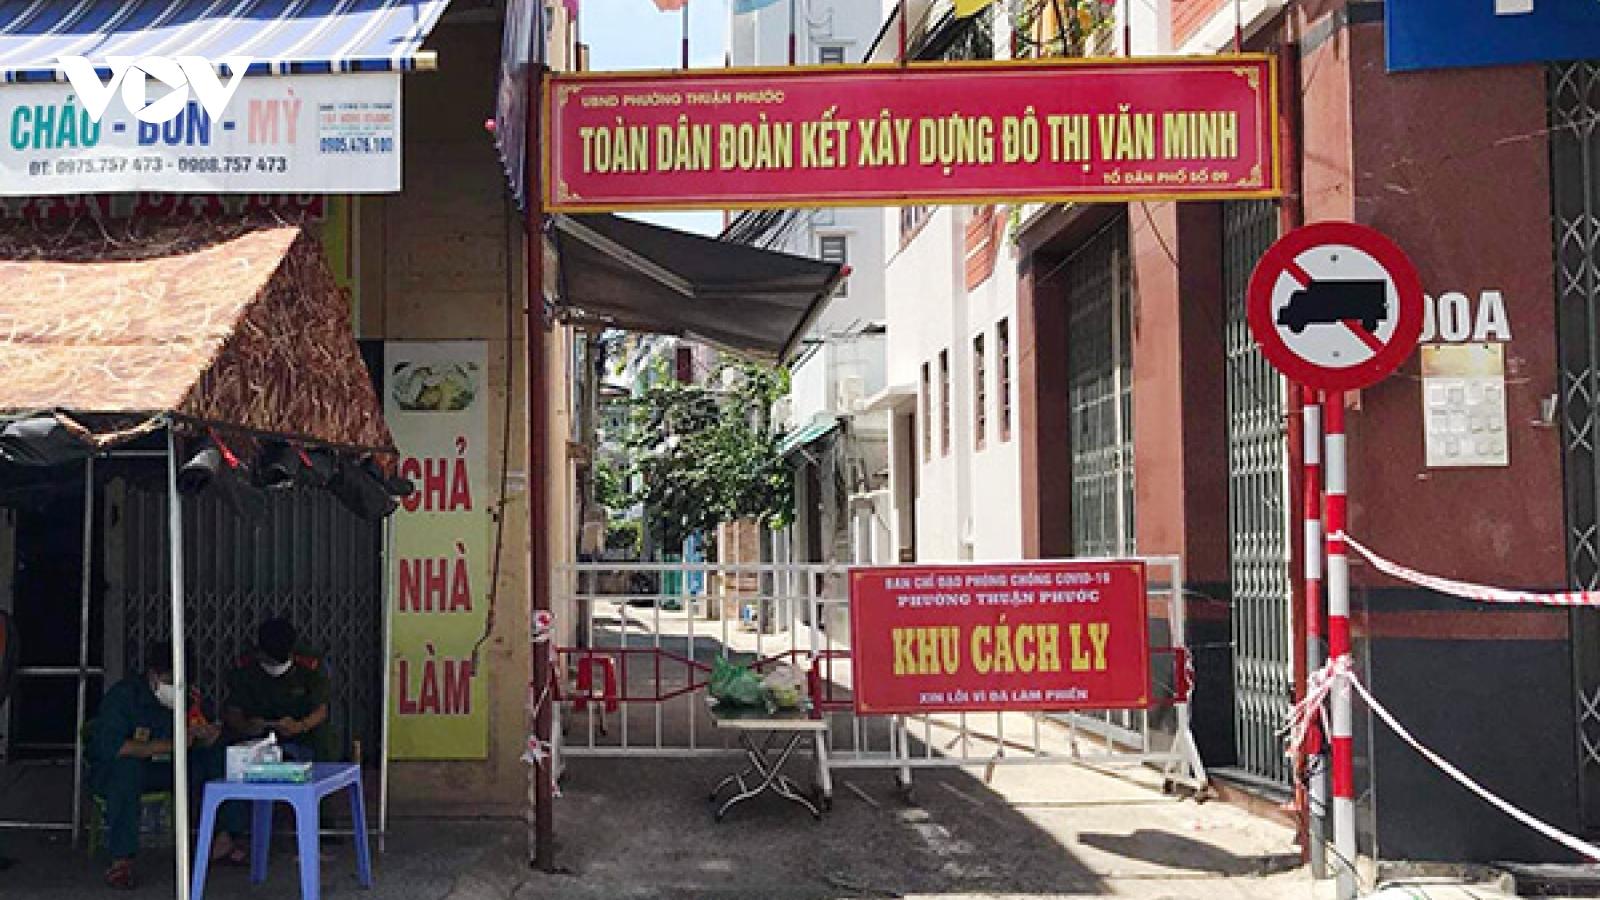 Đà Nẵng không được nhận 200.000 liều vaccine Vero Cell như thông báo ban đầu